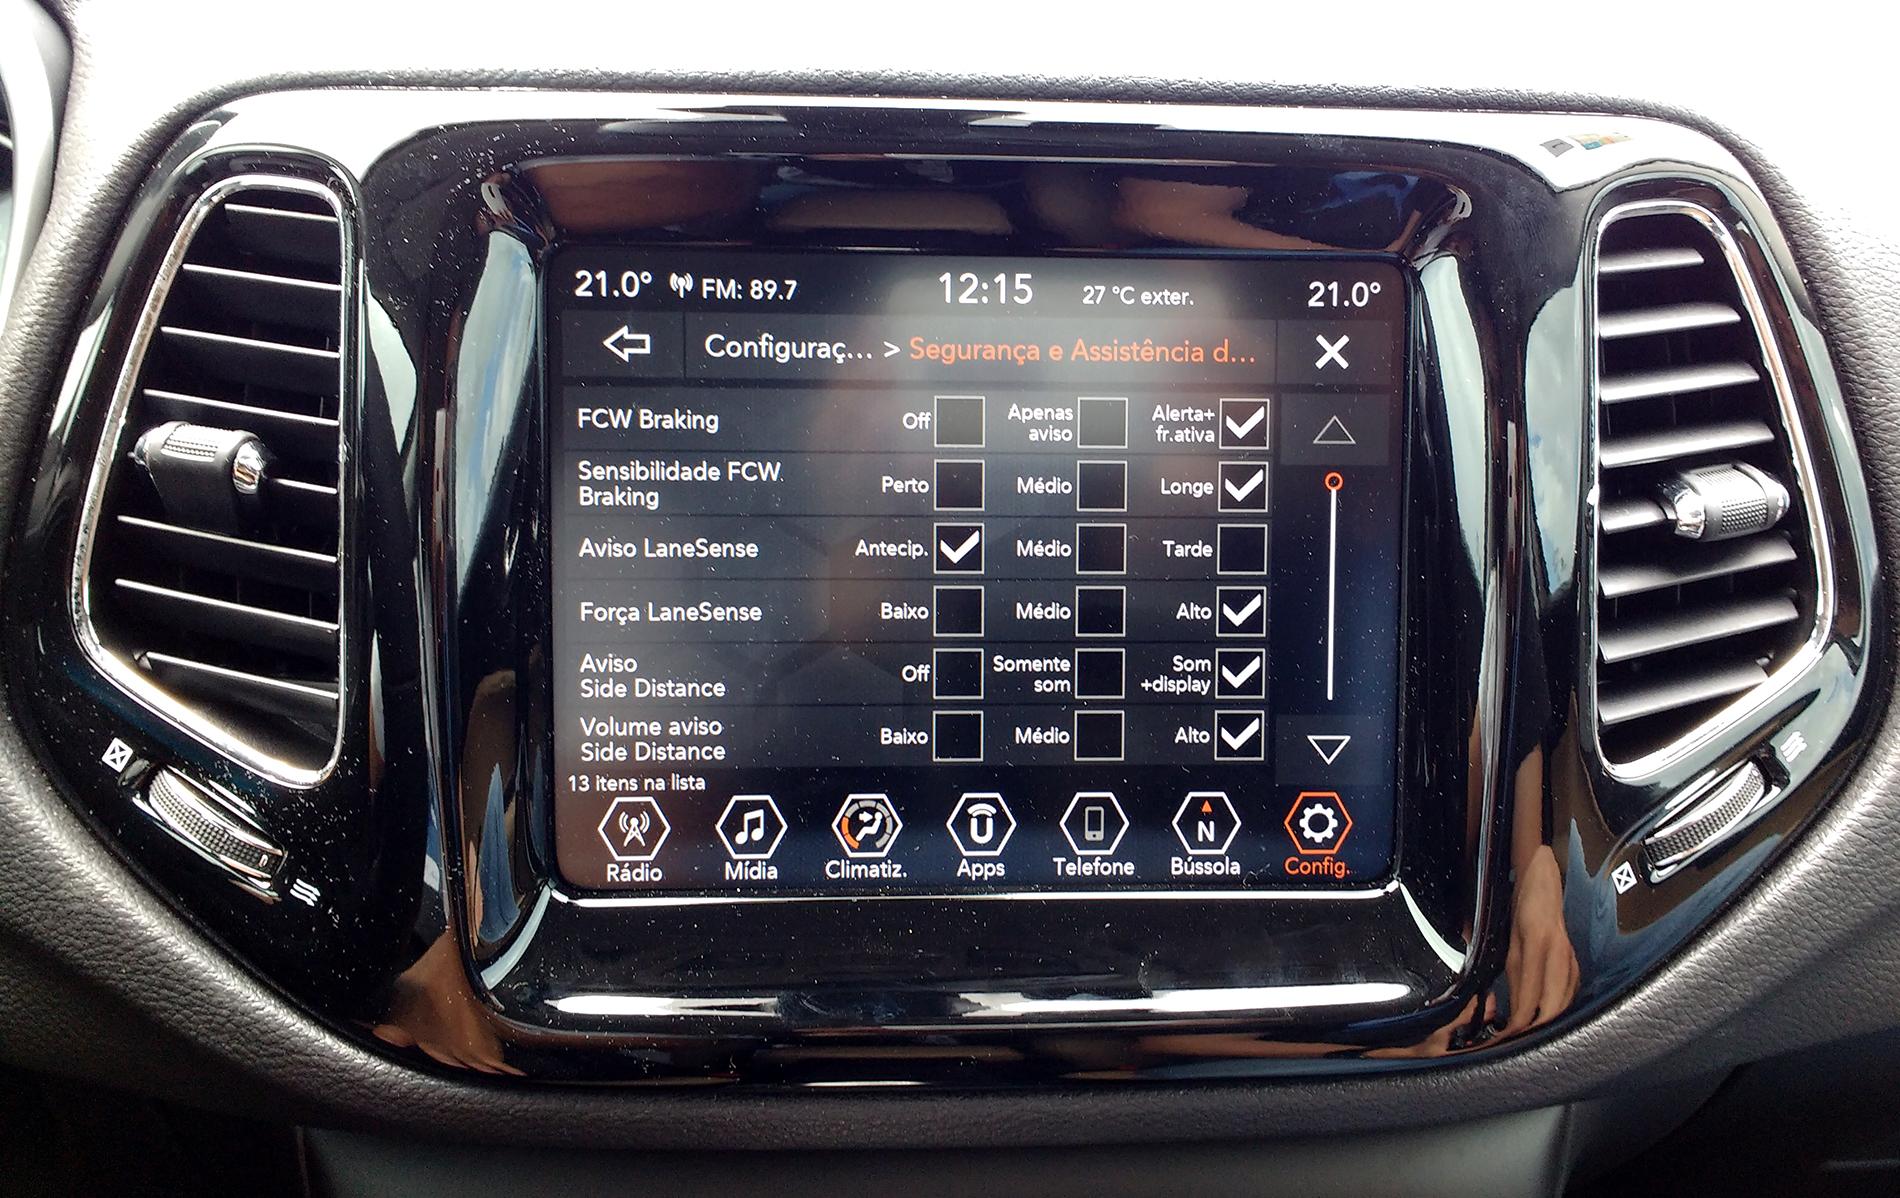 painel de configuracao jeep compass technoday